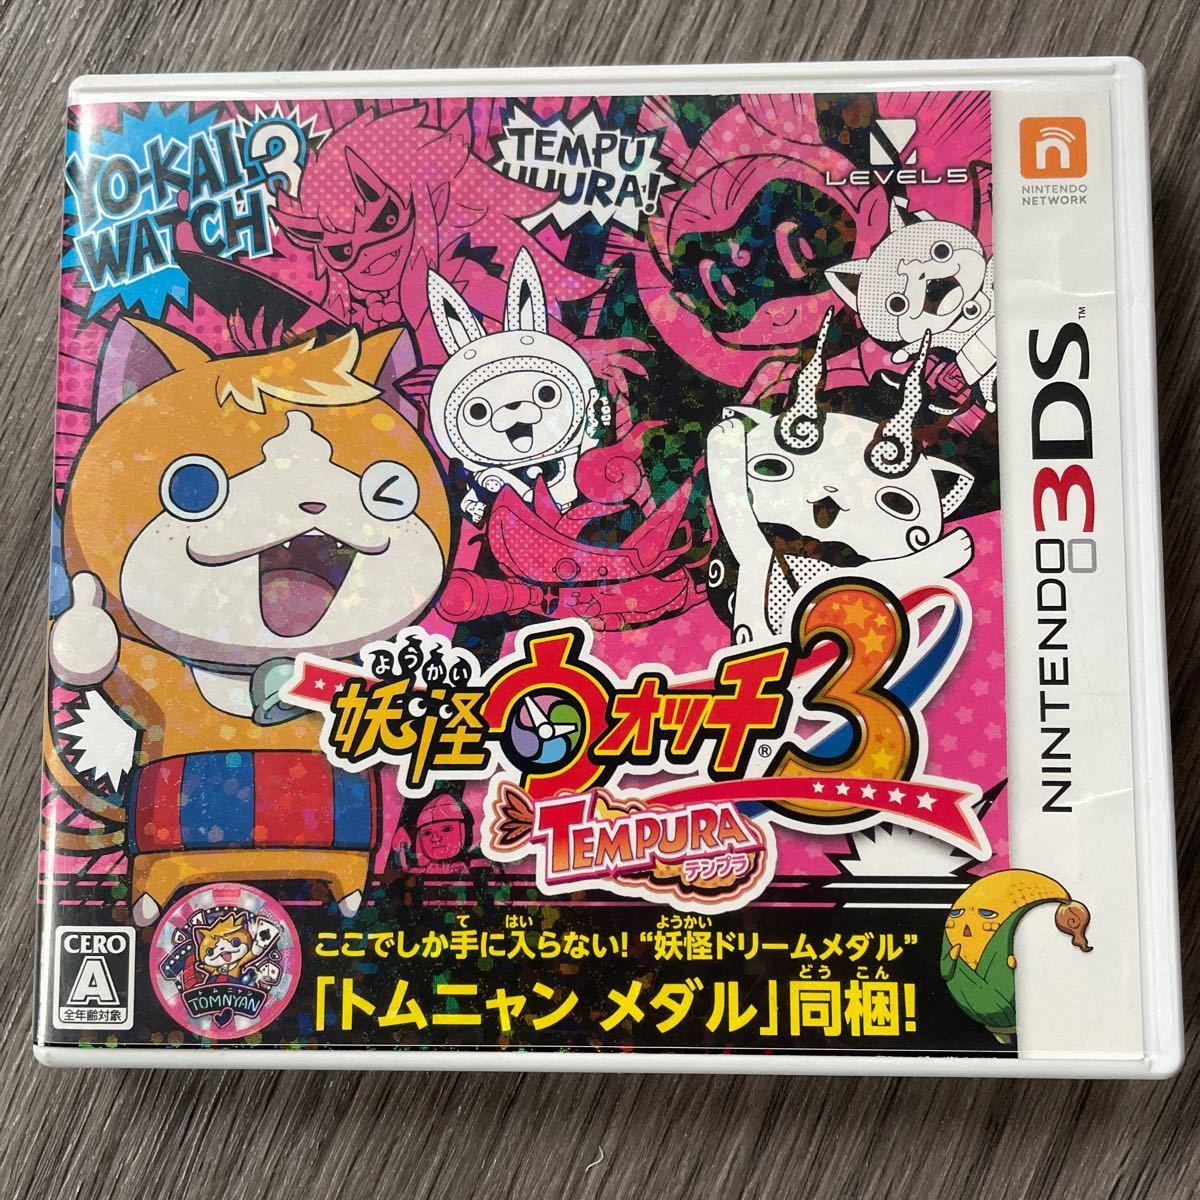 妖怪ウォッチ3テンプラ トムニャン 妖怪ウオッチ3 3DS 3DSソフト 妖怪ウォッチ